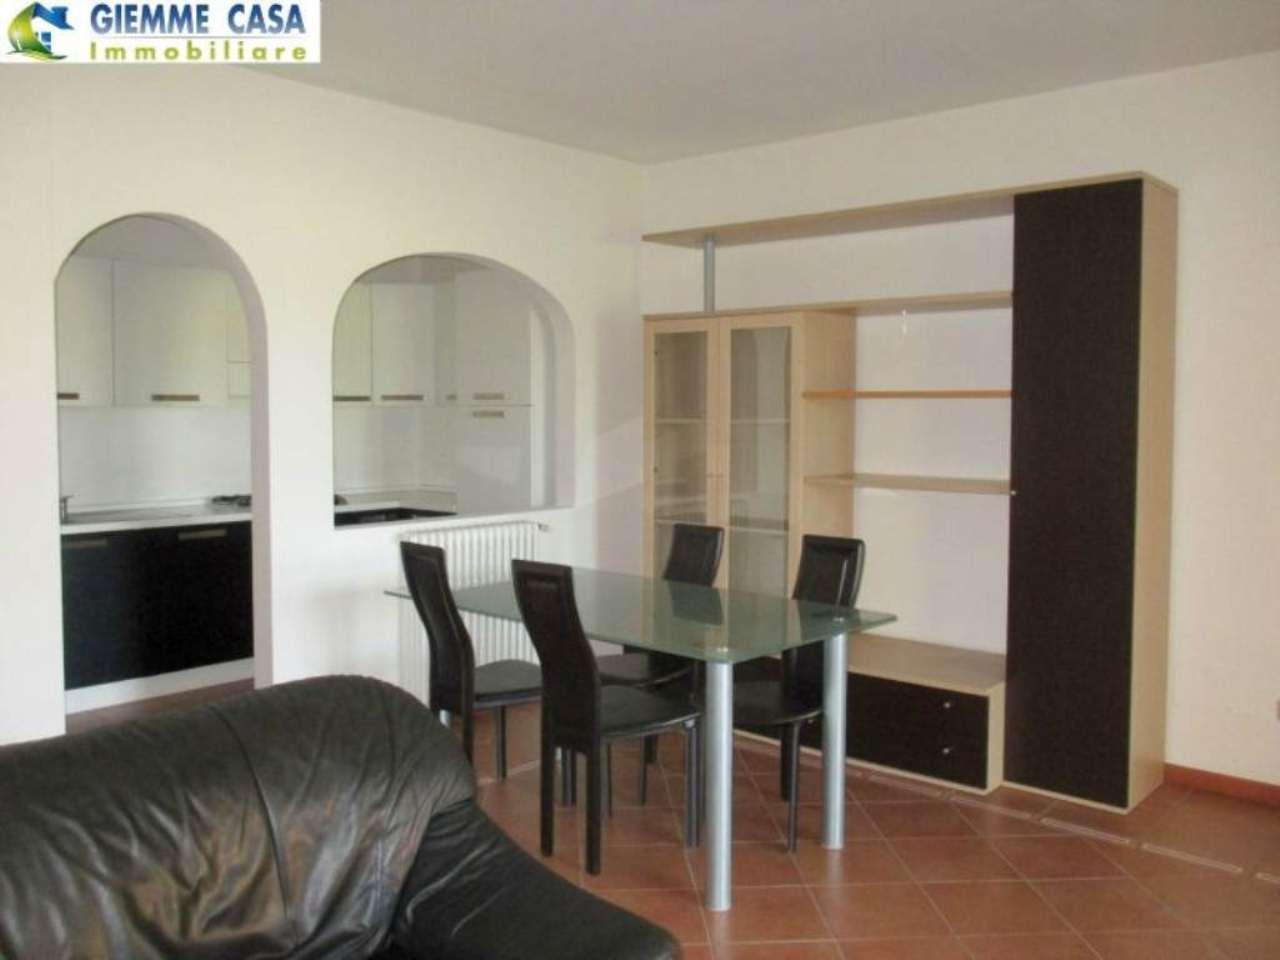 Appartamento in affitto a Bedizzole, 3 locali, prezzo € 700 | CambioCasa.it